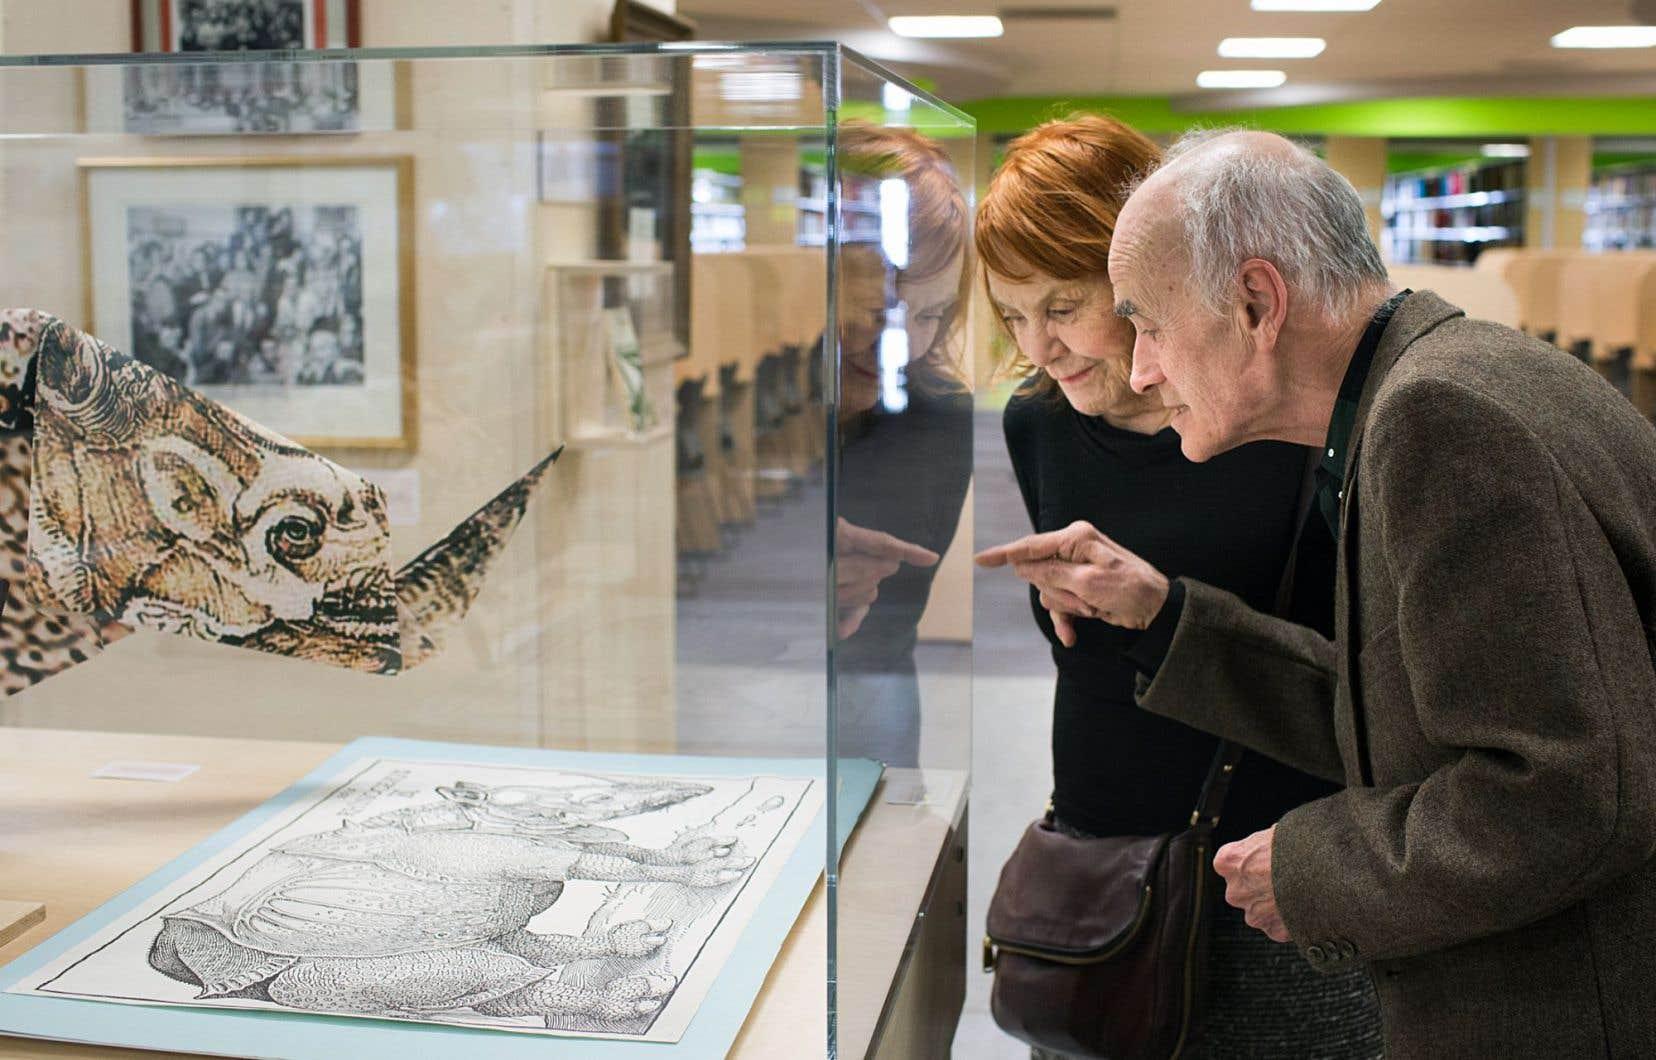 Le collectionneur Gaétan Dostie et l'artiste Françoise Sullivan au vernissage de l'exposition consacrée à l'univers du fondateur de la Médiathèque qui porte son nom.